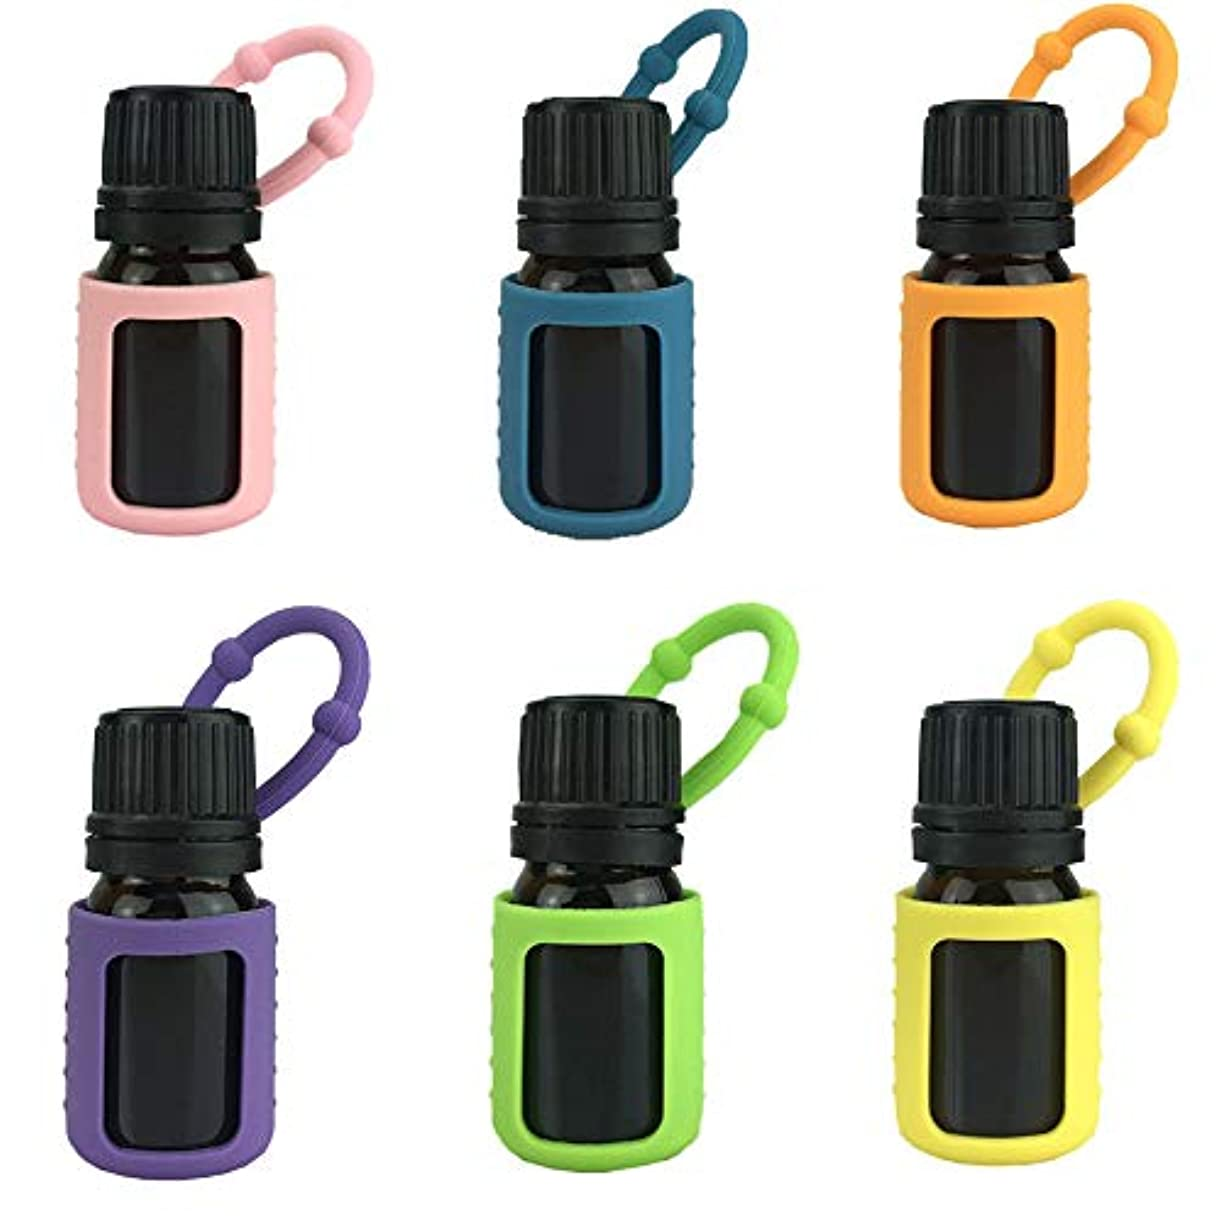 バイアスメンタルアルコール6パック熱望オイルボトルシリコンローラーボトルホルダースリーブエッセンシャルオイルボトル保護カバーケースハングロープ - 色込 - 6-pcs 5ml